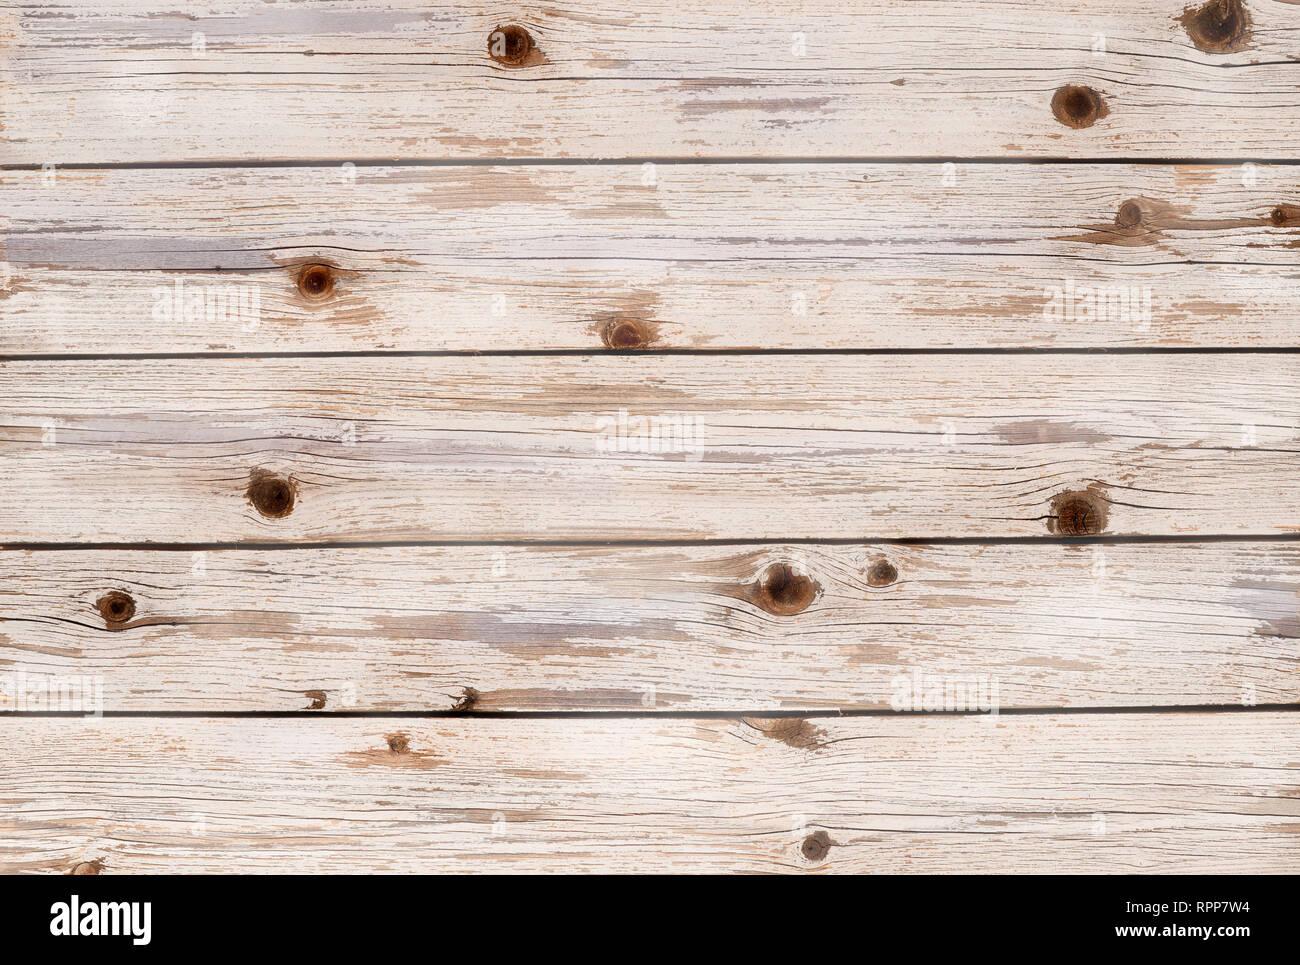 Assi di legno in un piano orizzontale di colore bianco ...